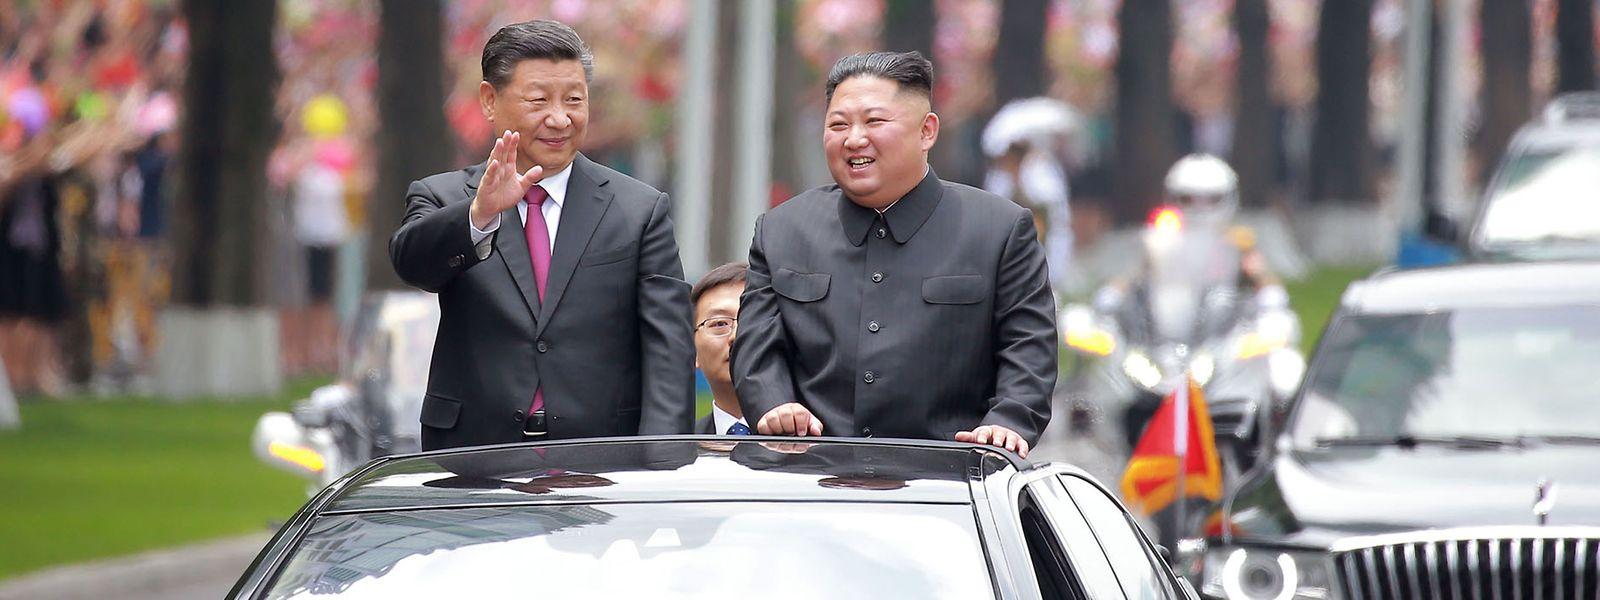 Xi Jinping und Kim Jong Un in trauter Zweisamkeit.